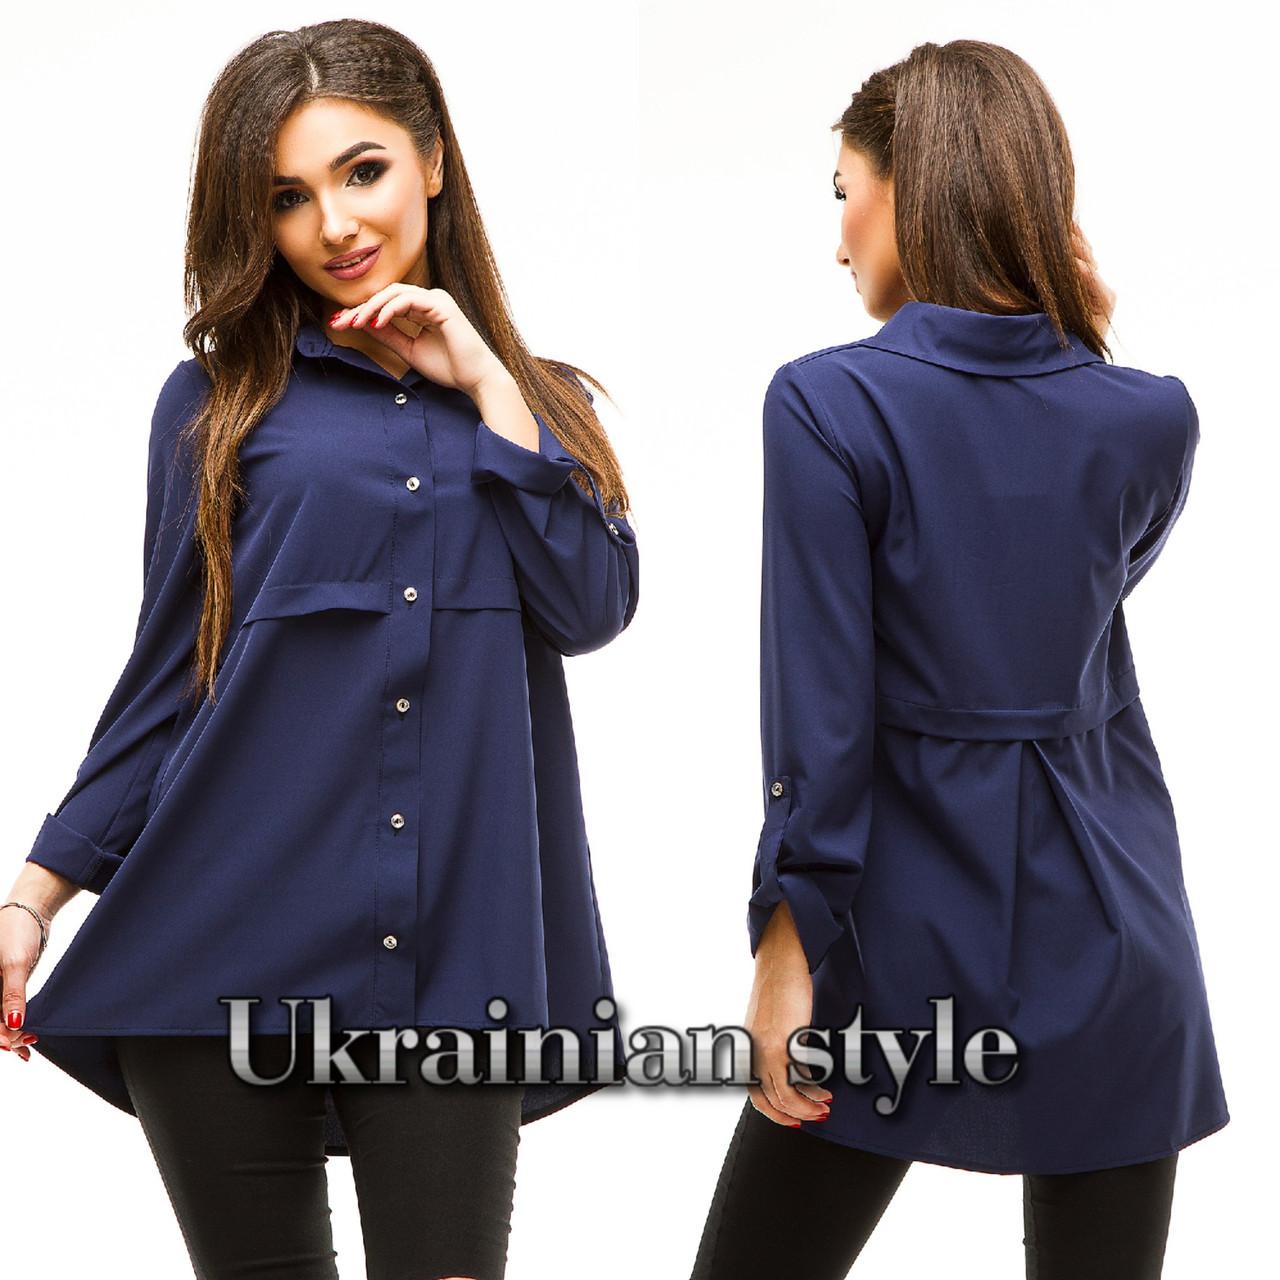 285b98faf75 Женская однотонная туника-рубашка с длинным рукавом. Много цветов!